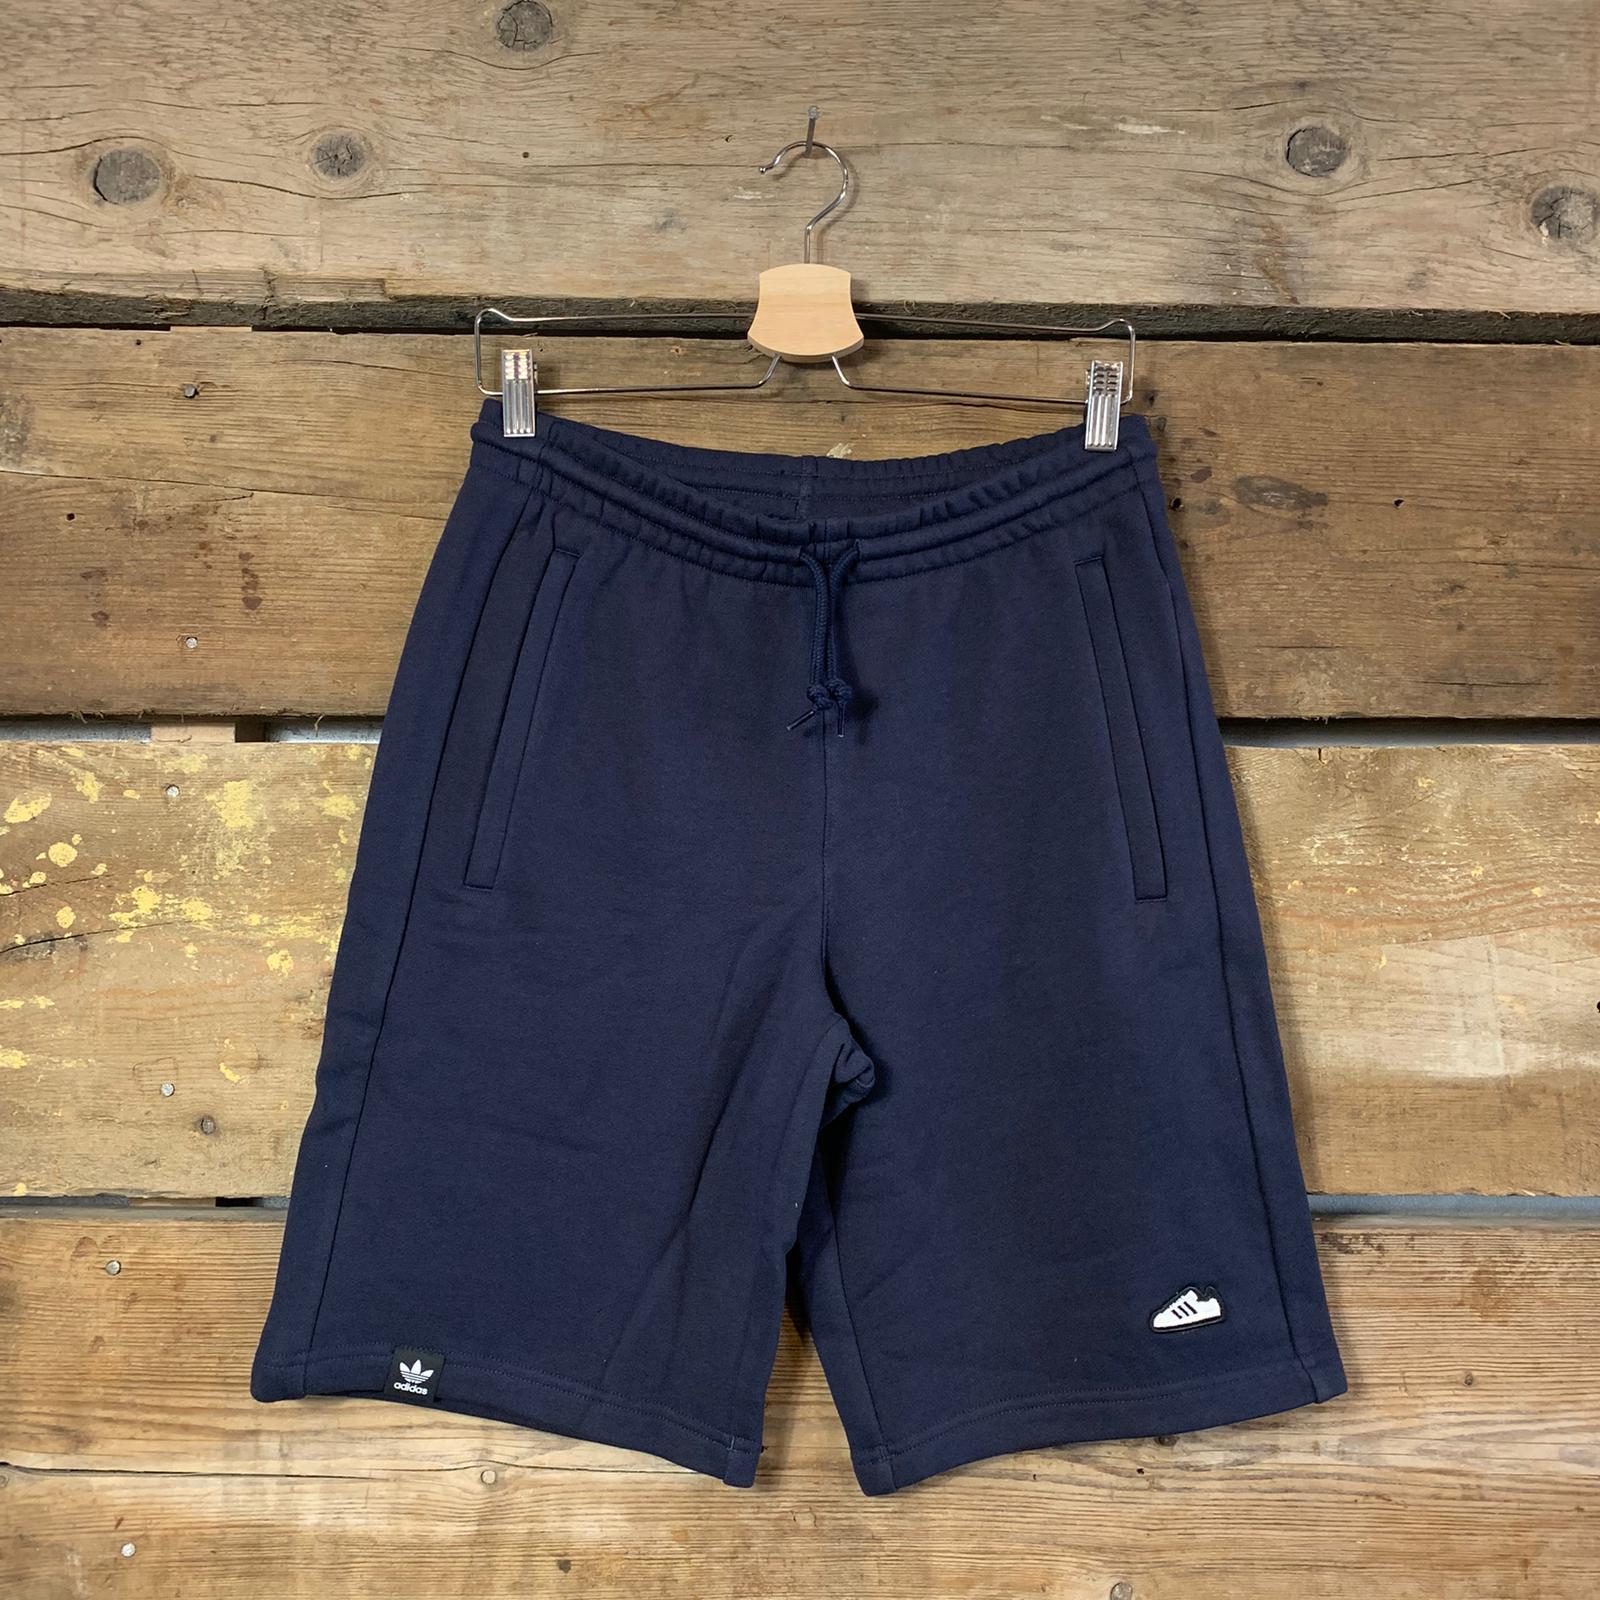 Pantaloncino Adidas in Cotone Garzato Blu Navy